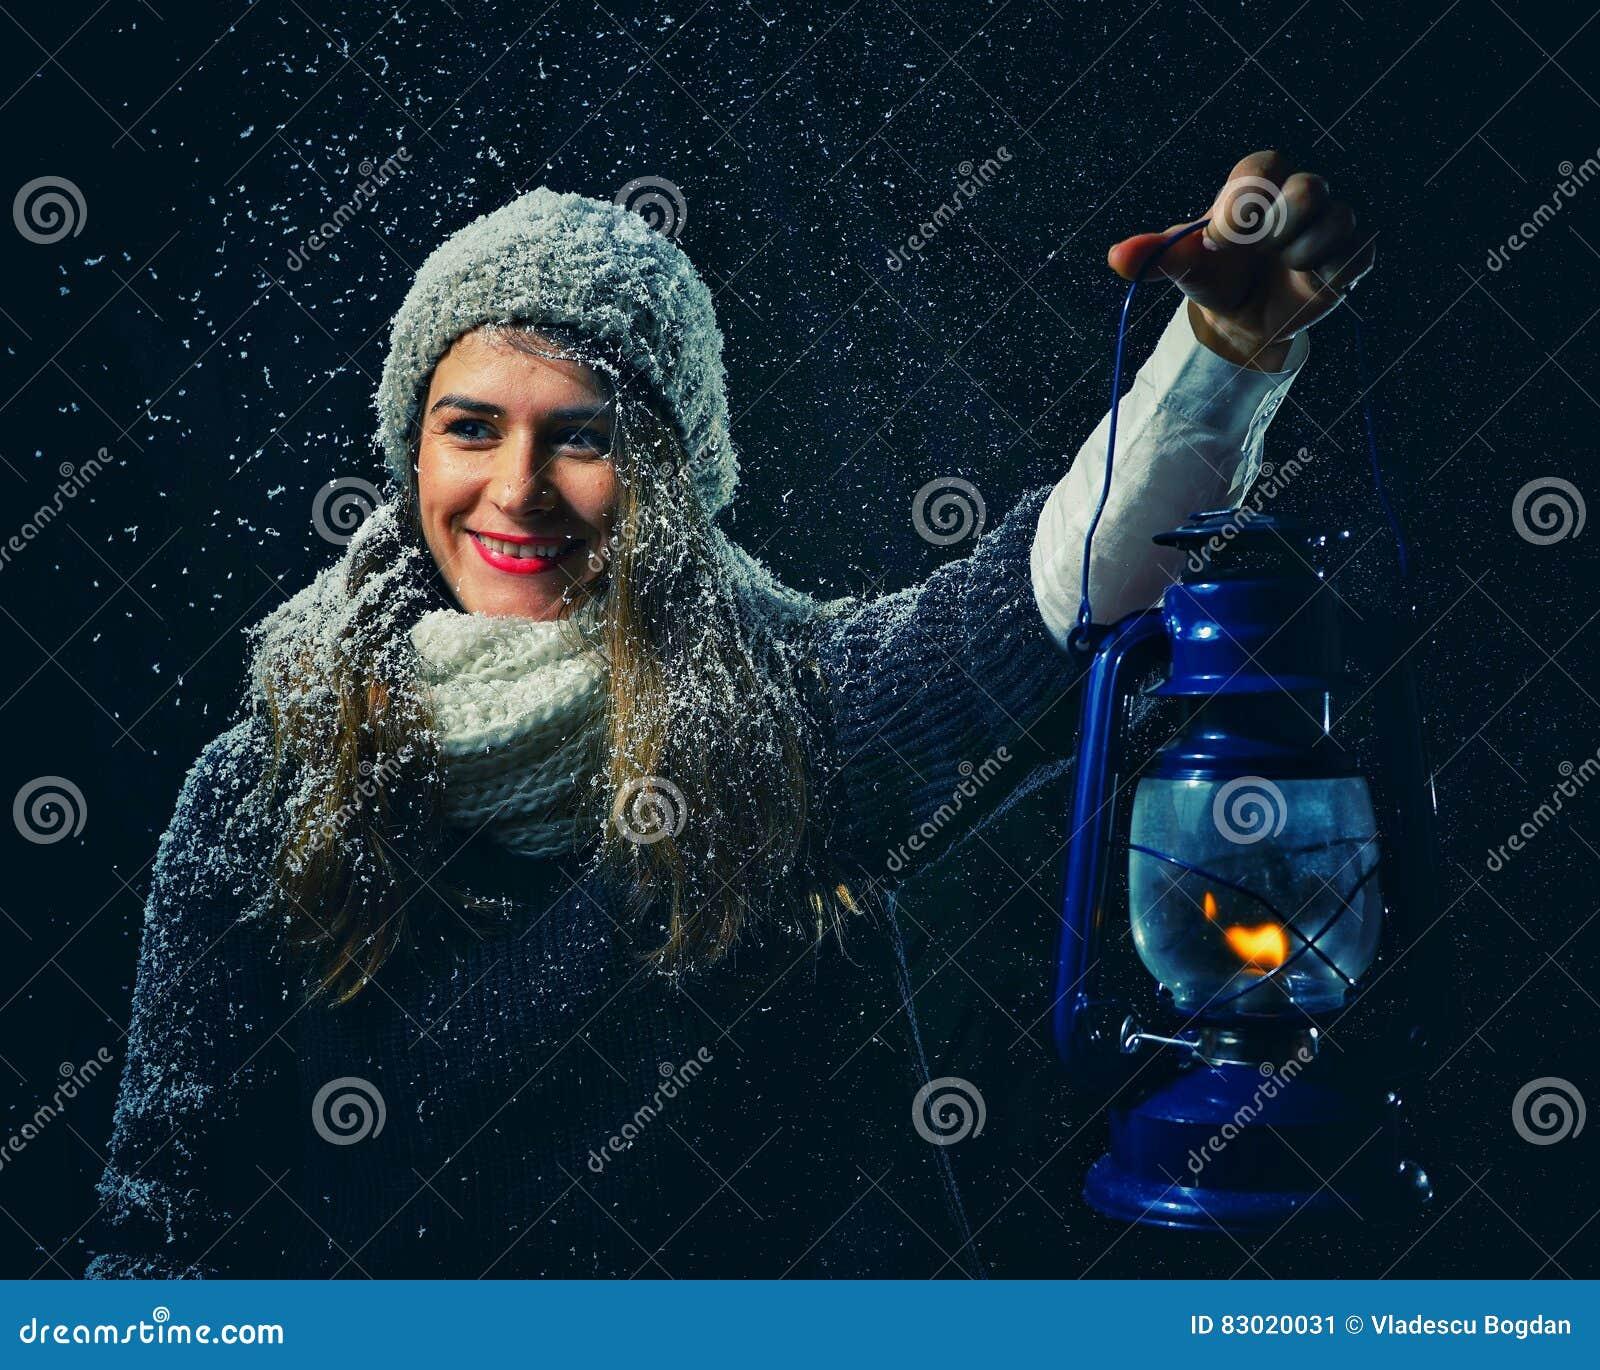 Winter fantasy night